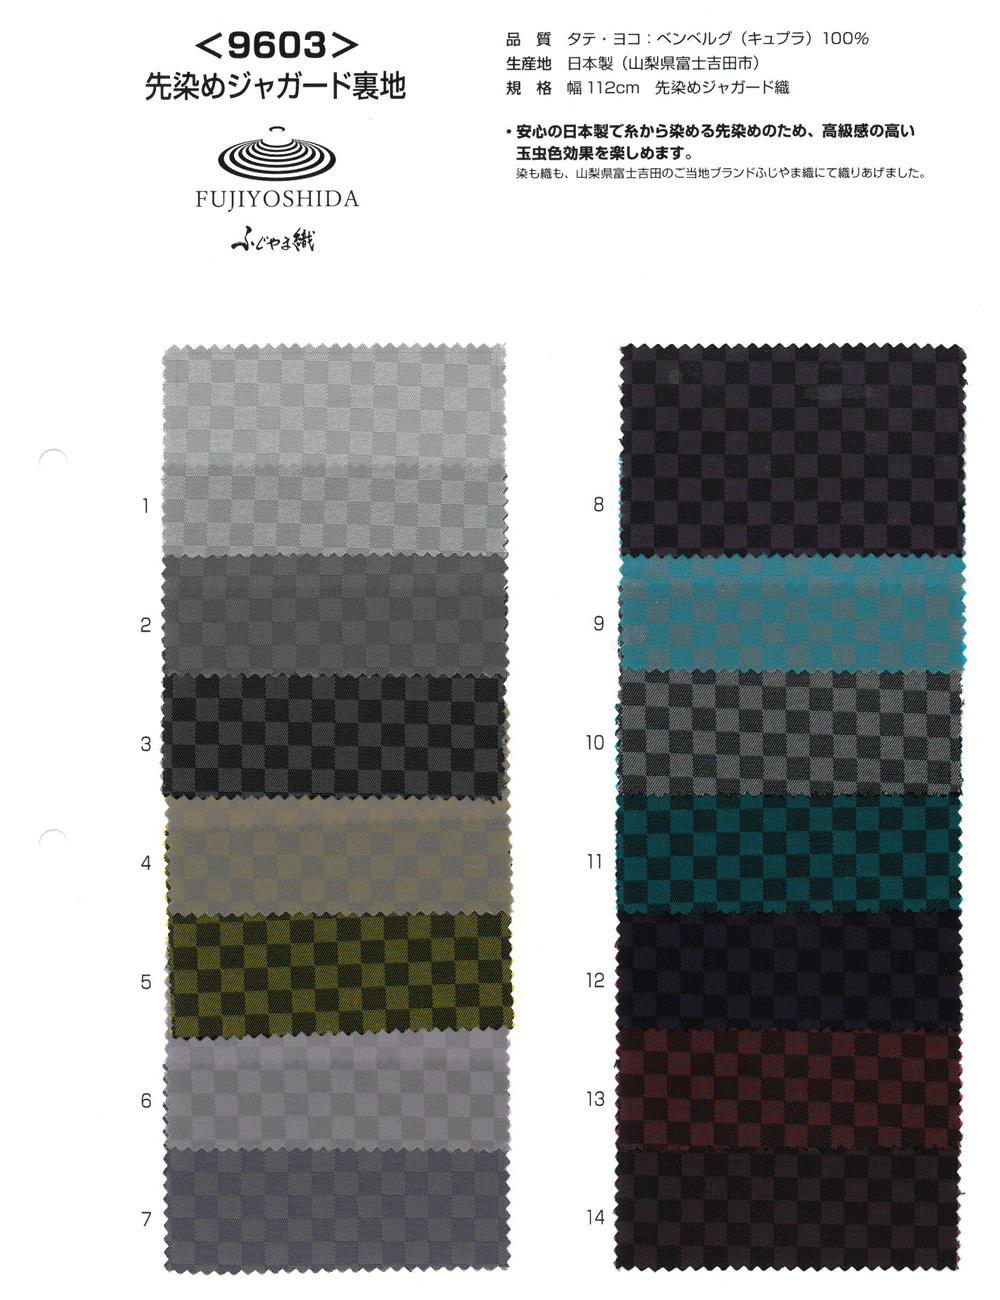 9603 ふじやま織 先染めジャカード織り[裏地] ヤマモト - ApparelX アパレル資材卸通販